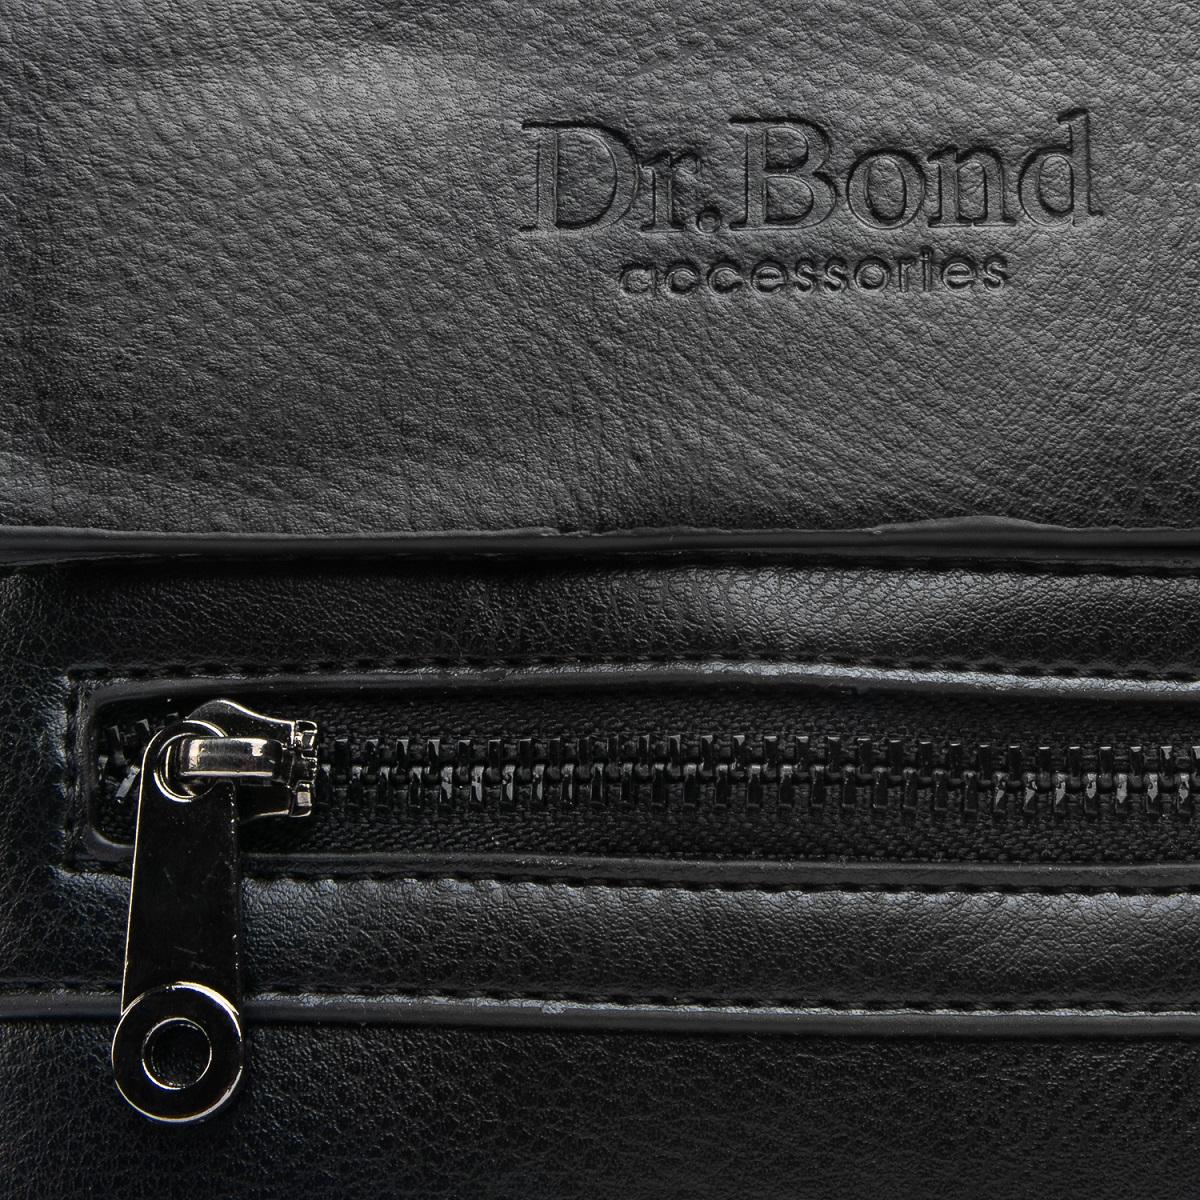 Сумка Мужская Планшет иск-кожа DR. BOND GL 317-0 black - фото 3